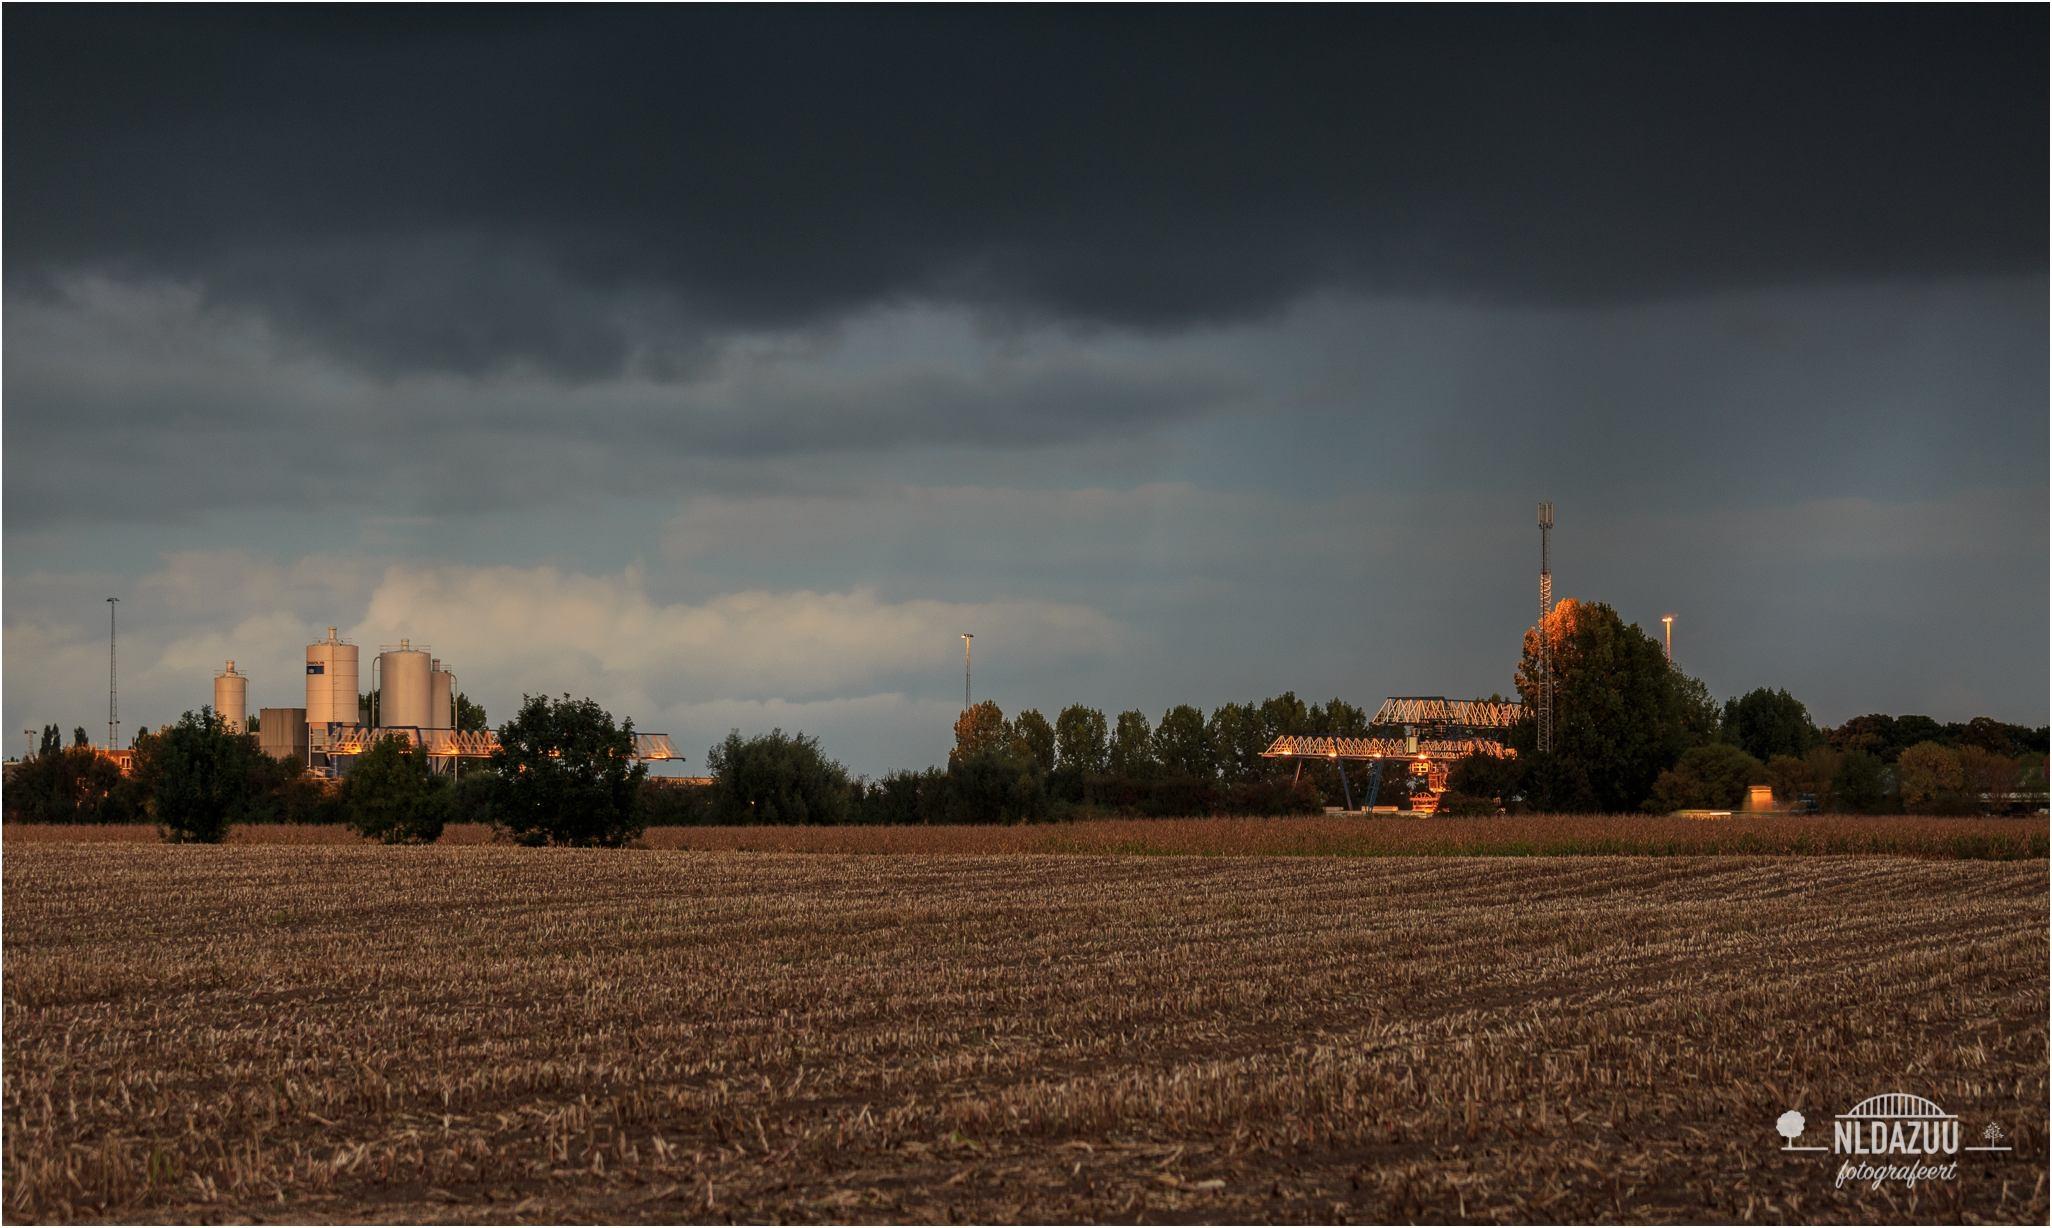 Regenbuien boven Loowaard   Canon EF 70-200 mm. f/4 121 mm. f/4,5 ISO400 0,8 sec.